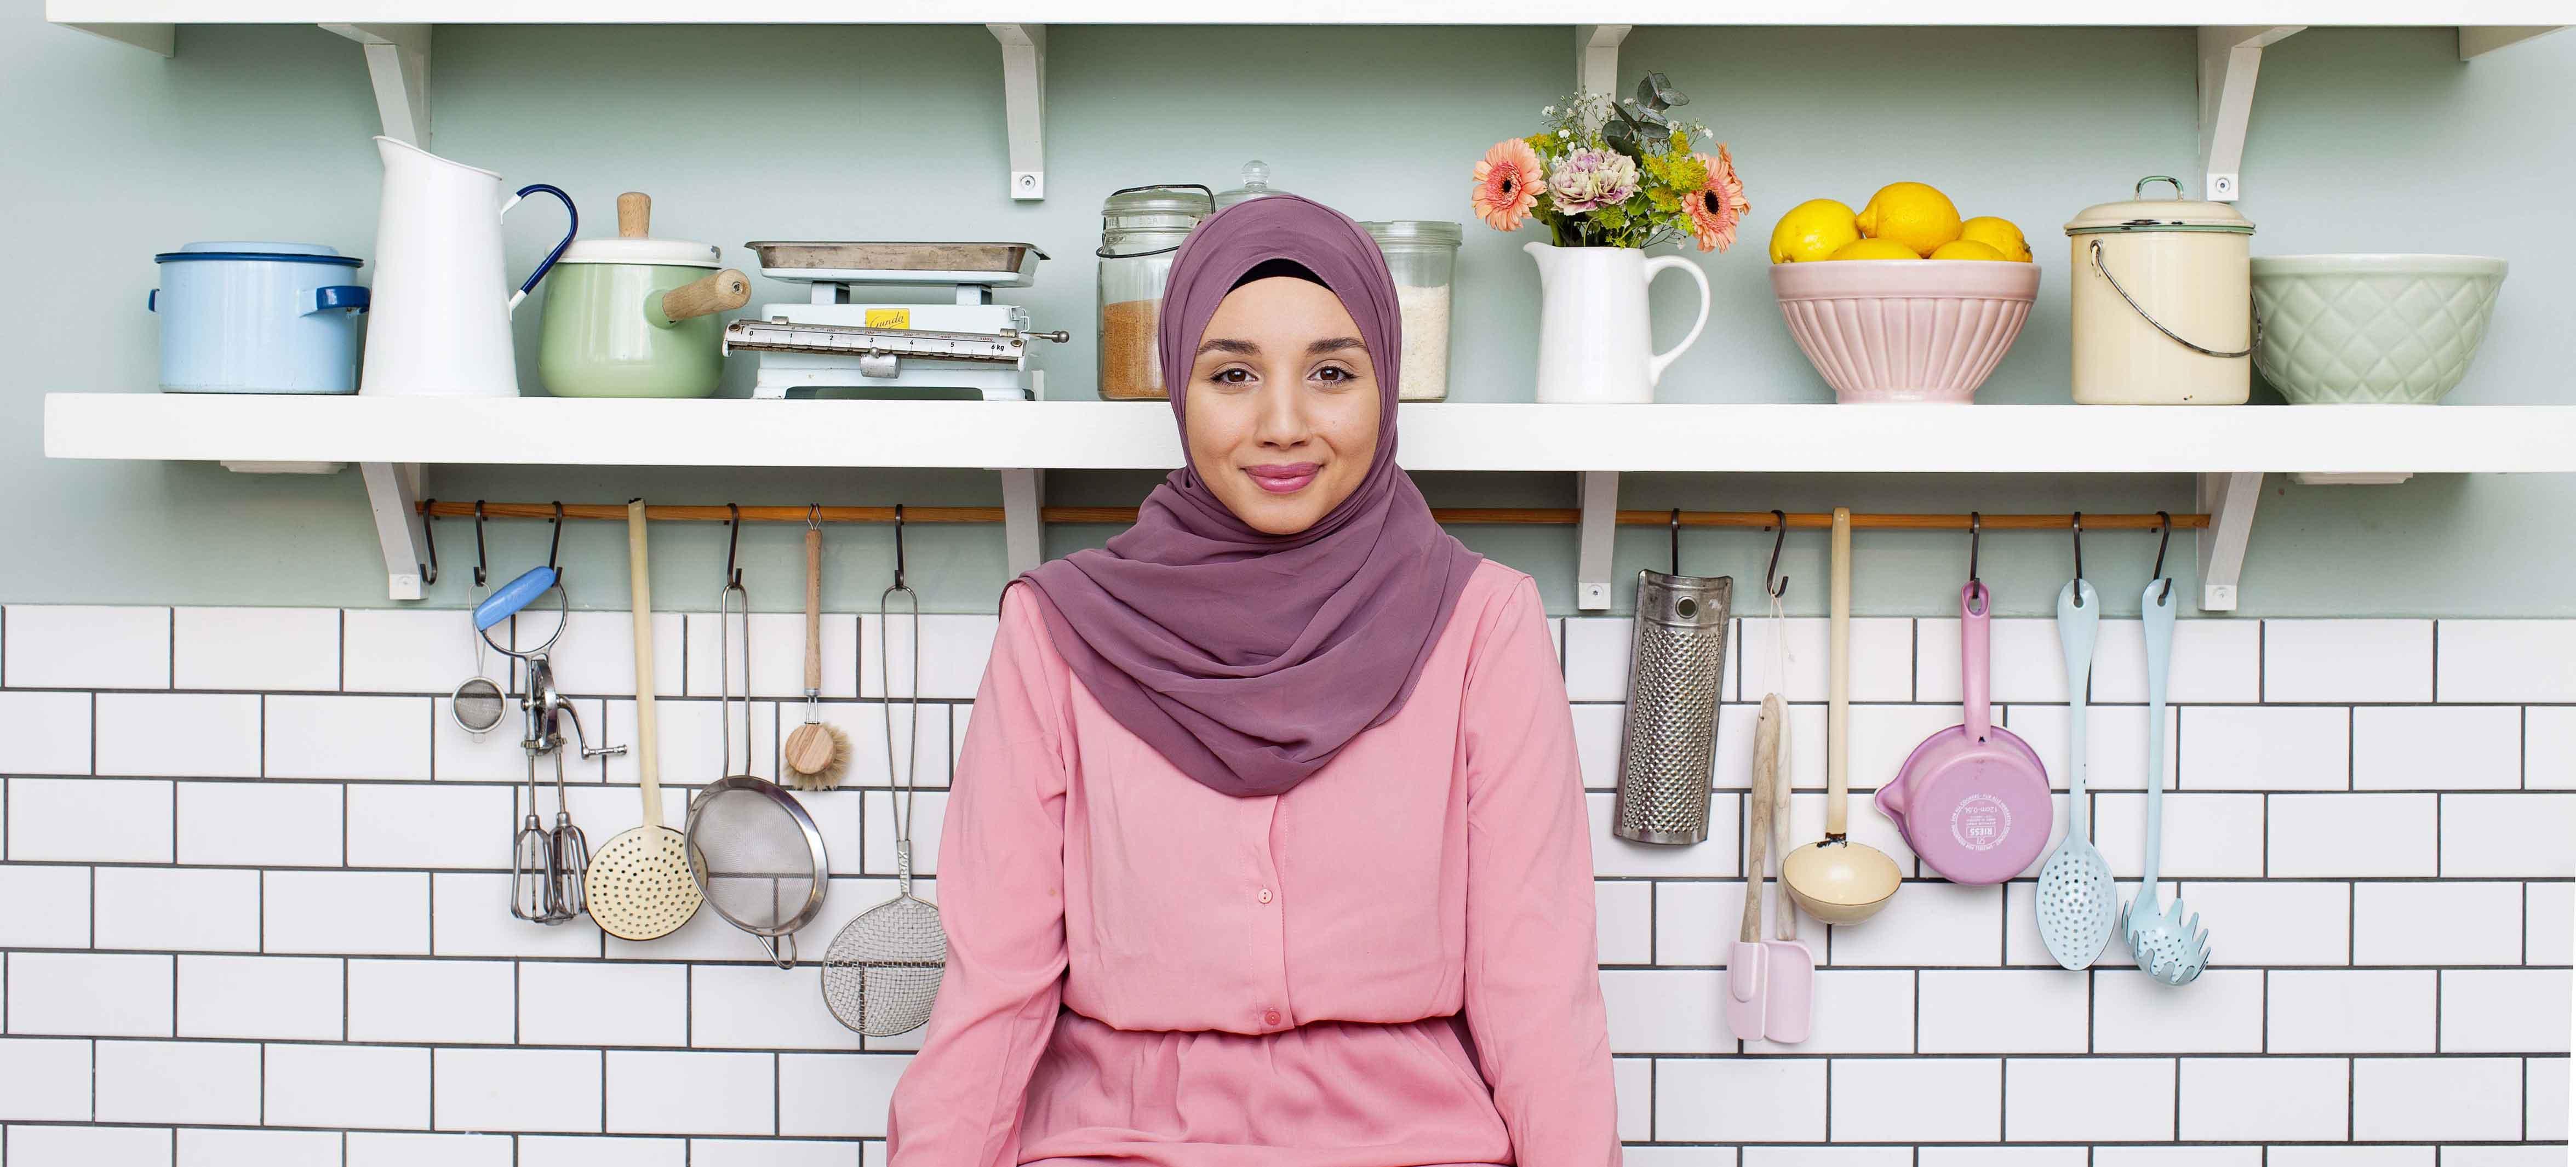 Camilla Hamid, som driver Instagramkontot My Kitchen Stories, står i ett kök